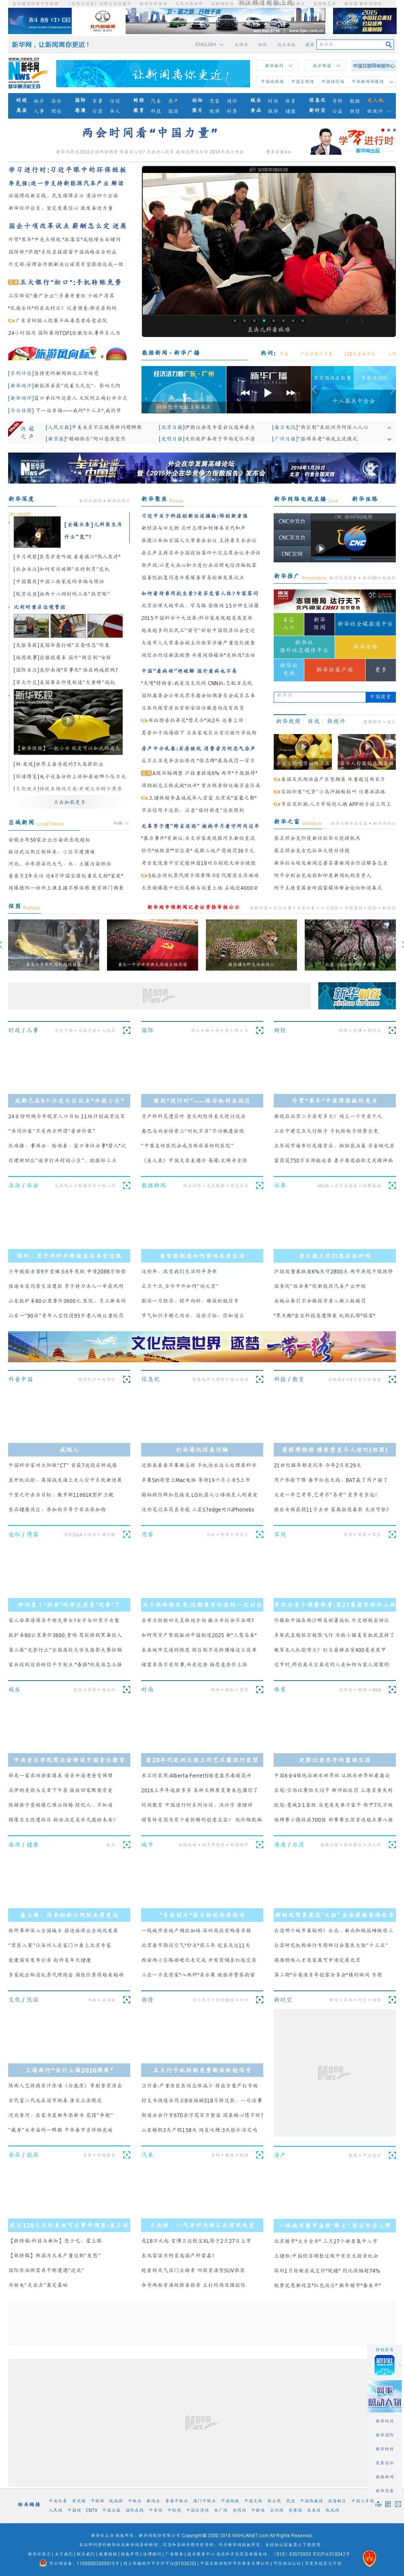 Xinhua at Thursday Feb. 25, 2016, 3:28 p.m. UTC